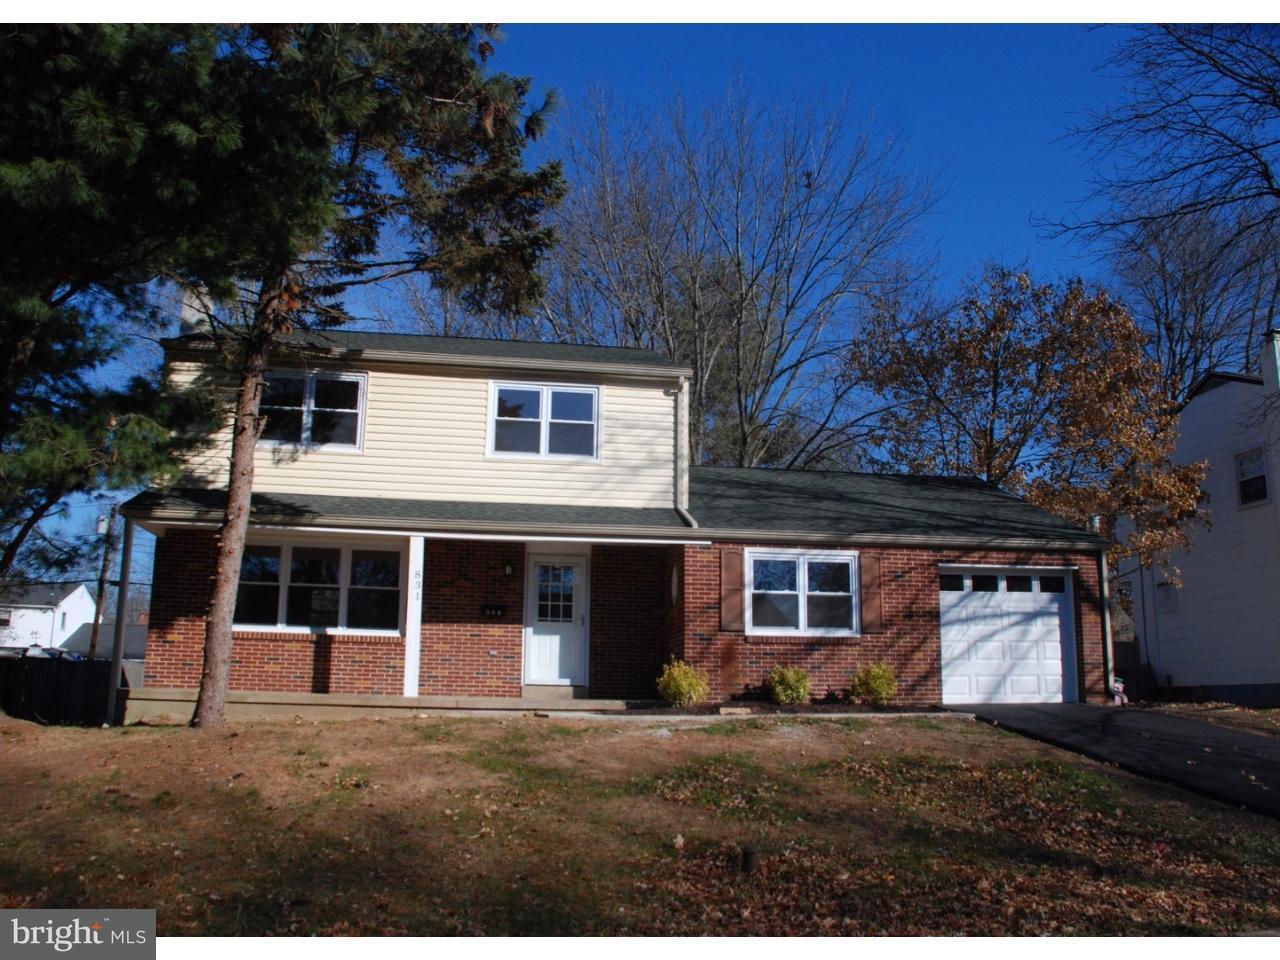 Частный односемейный дом для того Аренда на 831 LOMBARDY Drive Lansdale, Пенсильвания 19446 Соединенные Штаты